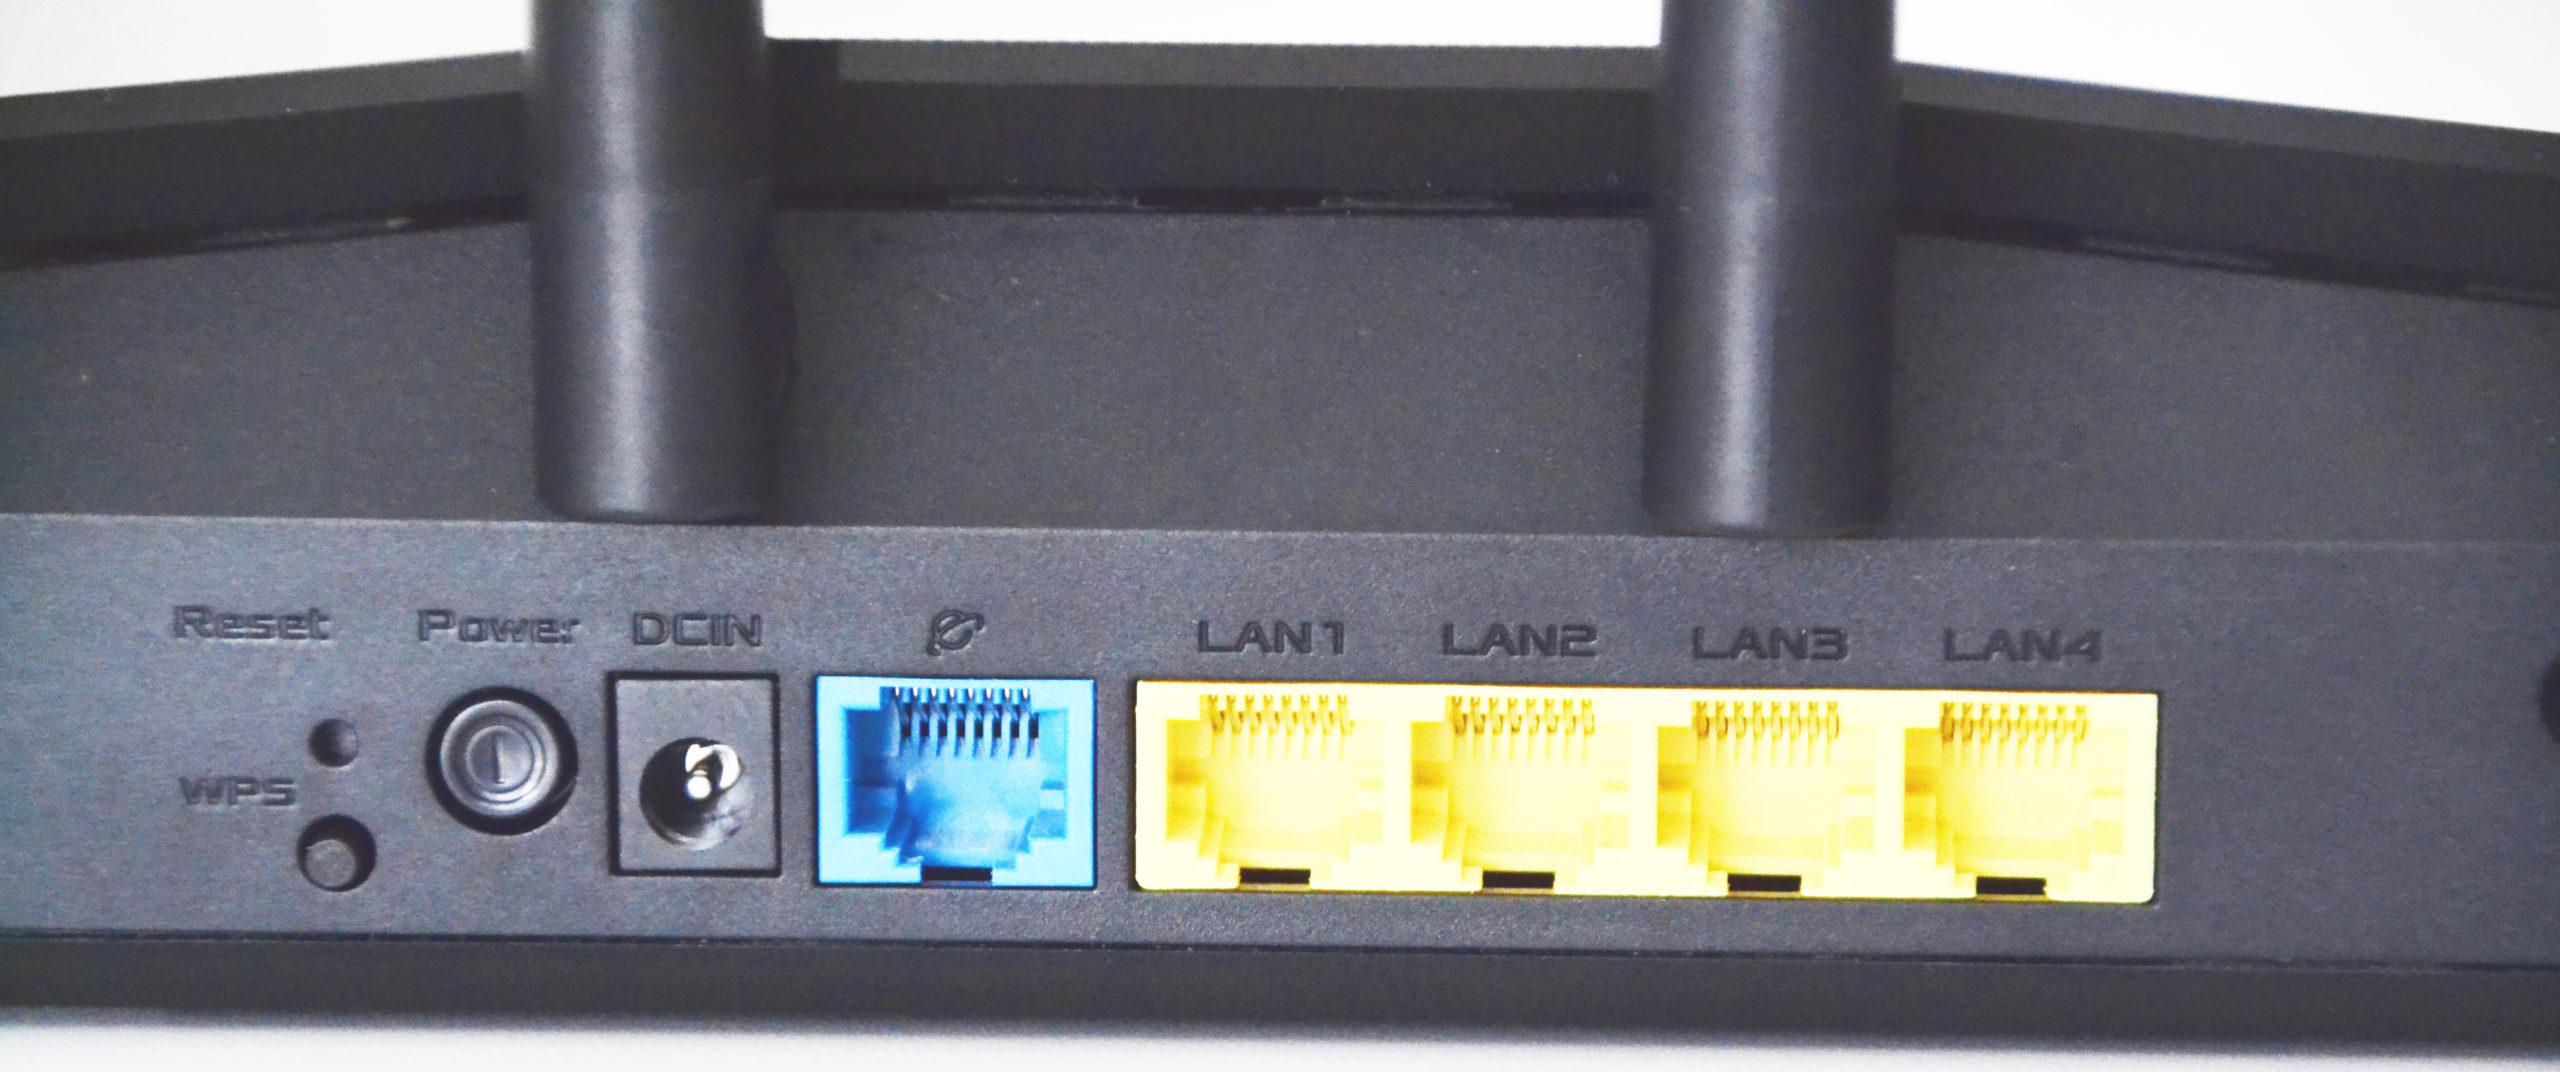 Роутер ASUS RT-AX55: настройка, обзор, распаковка, плюсы, минусы и личный опыт использования